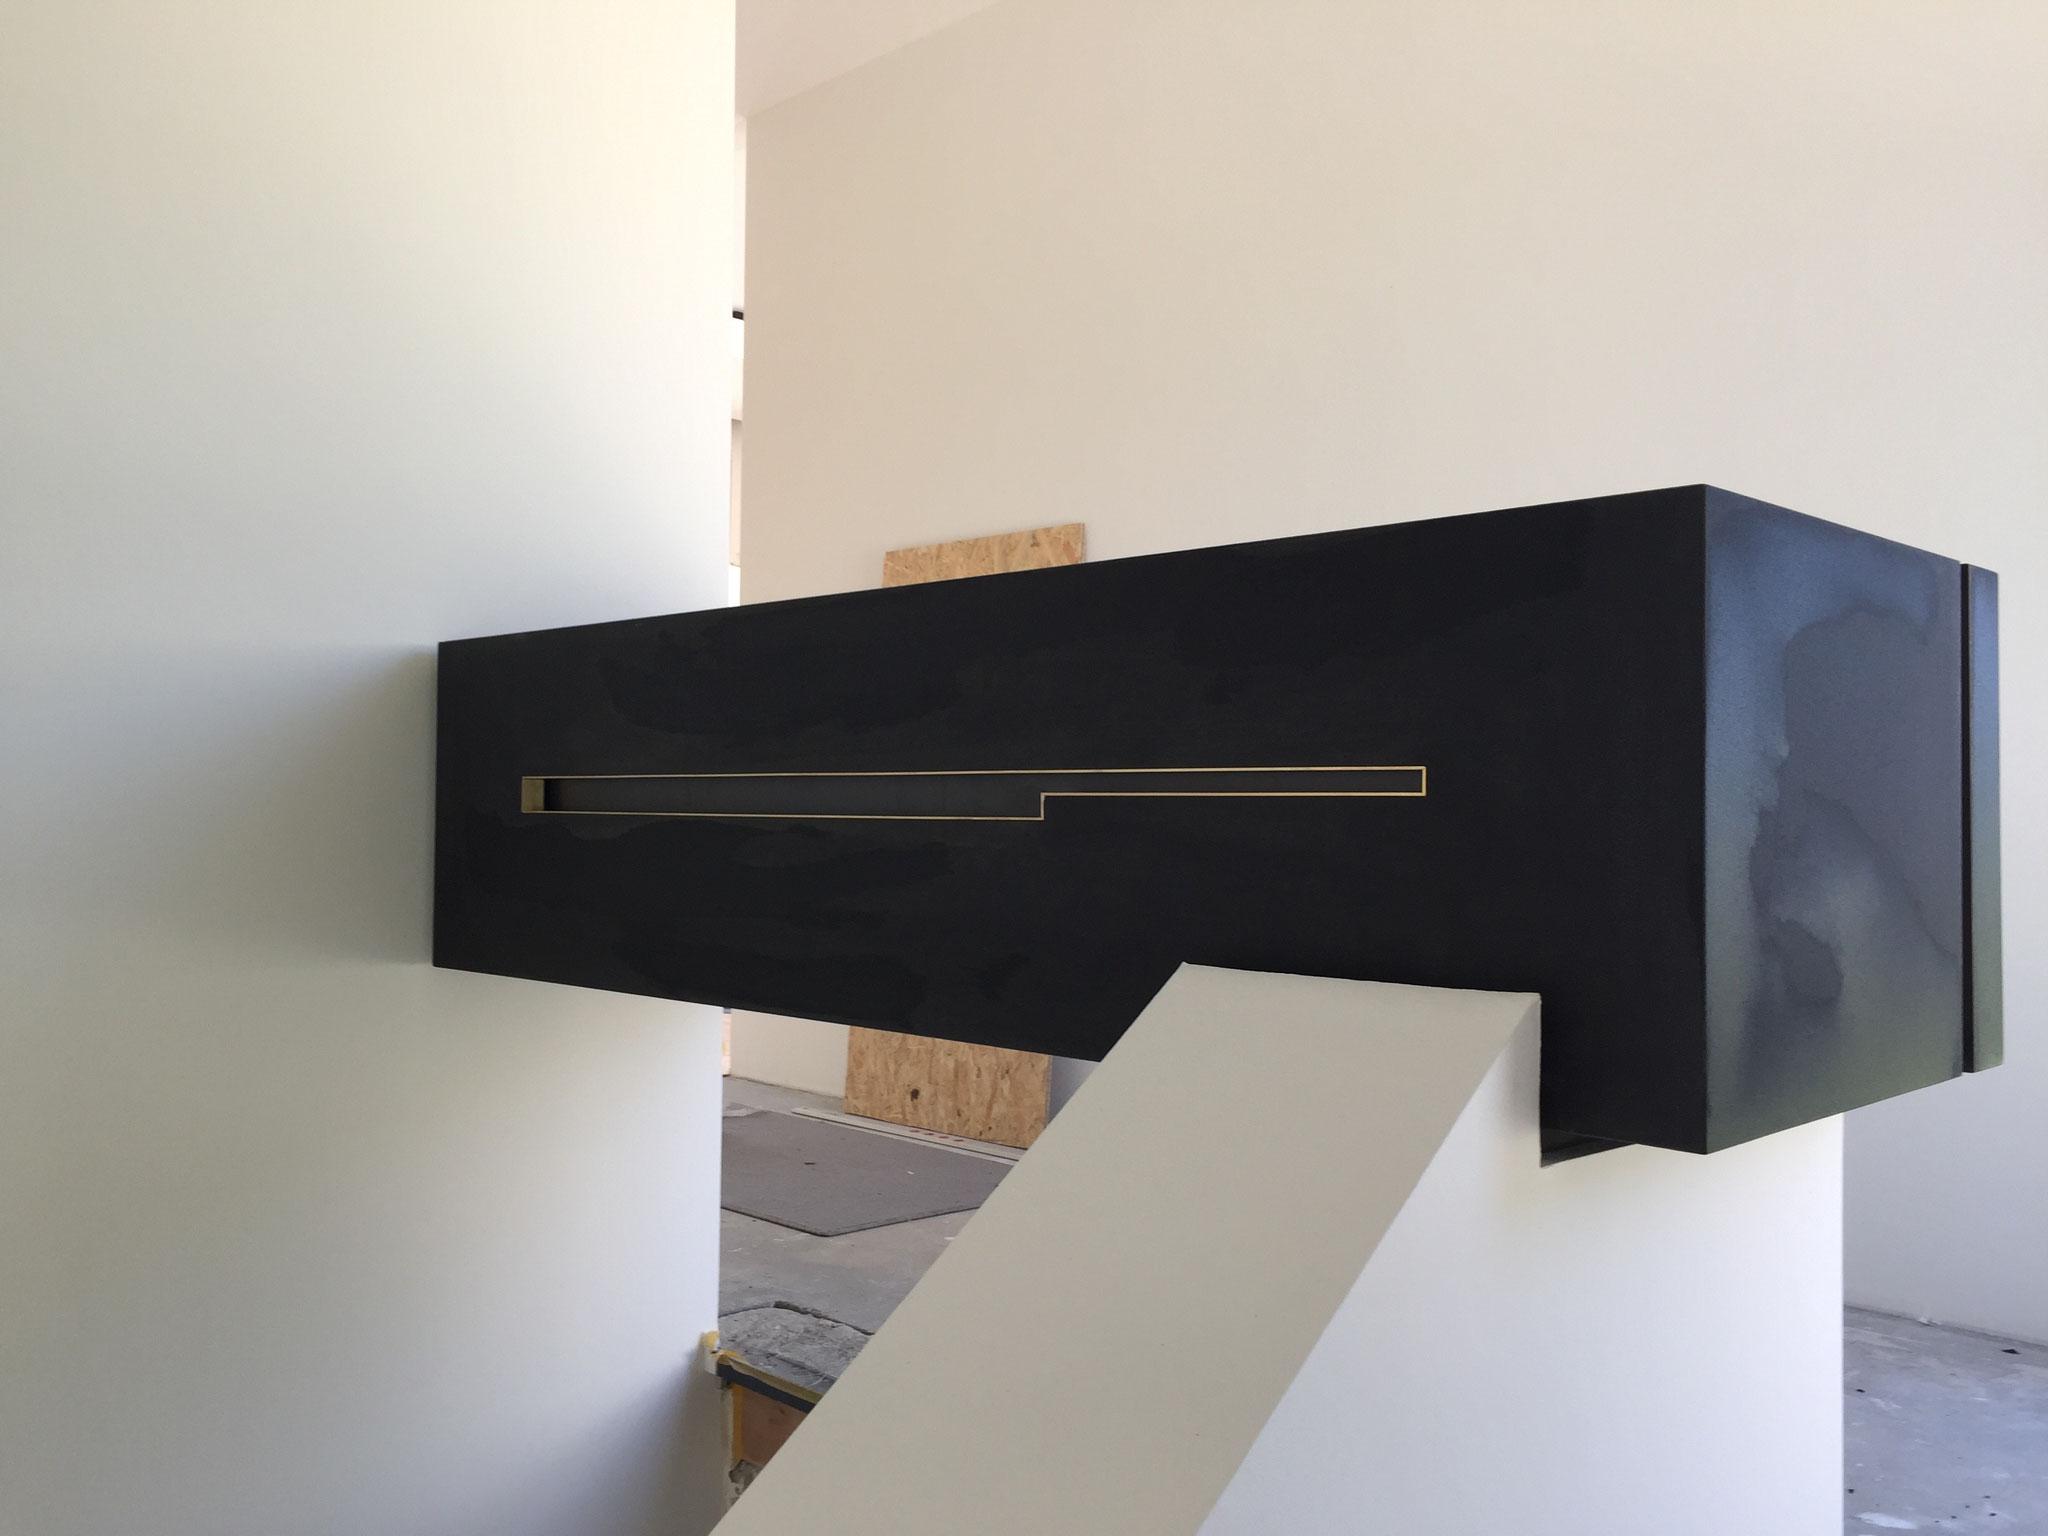 Brüstungsmöbel in Linoleum